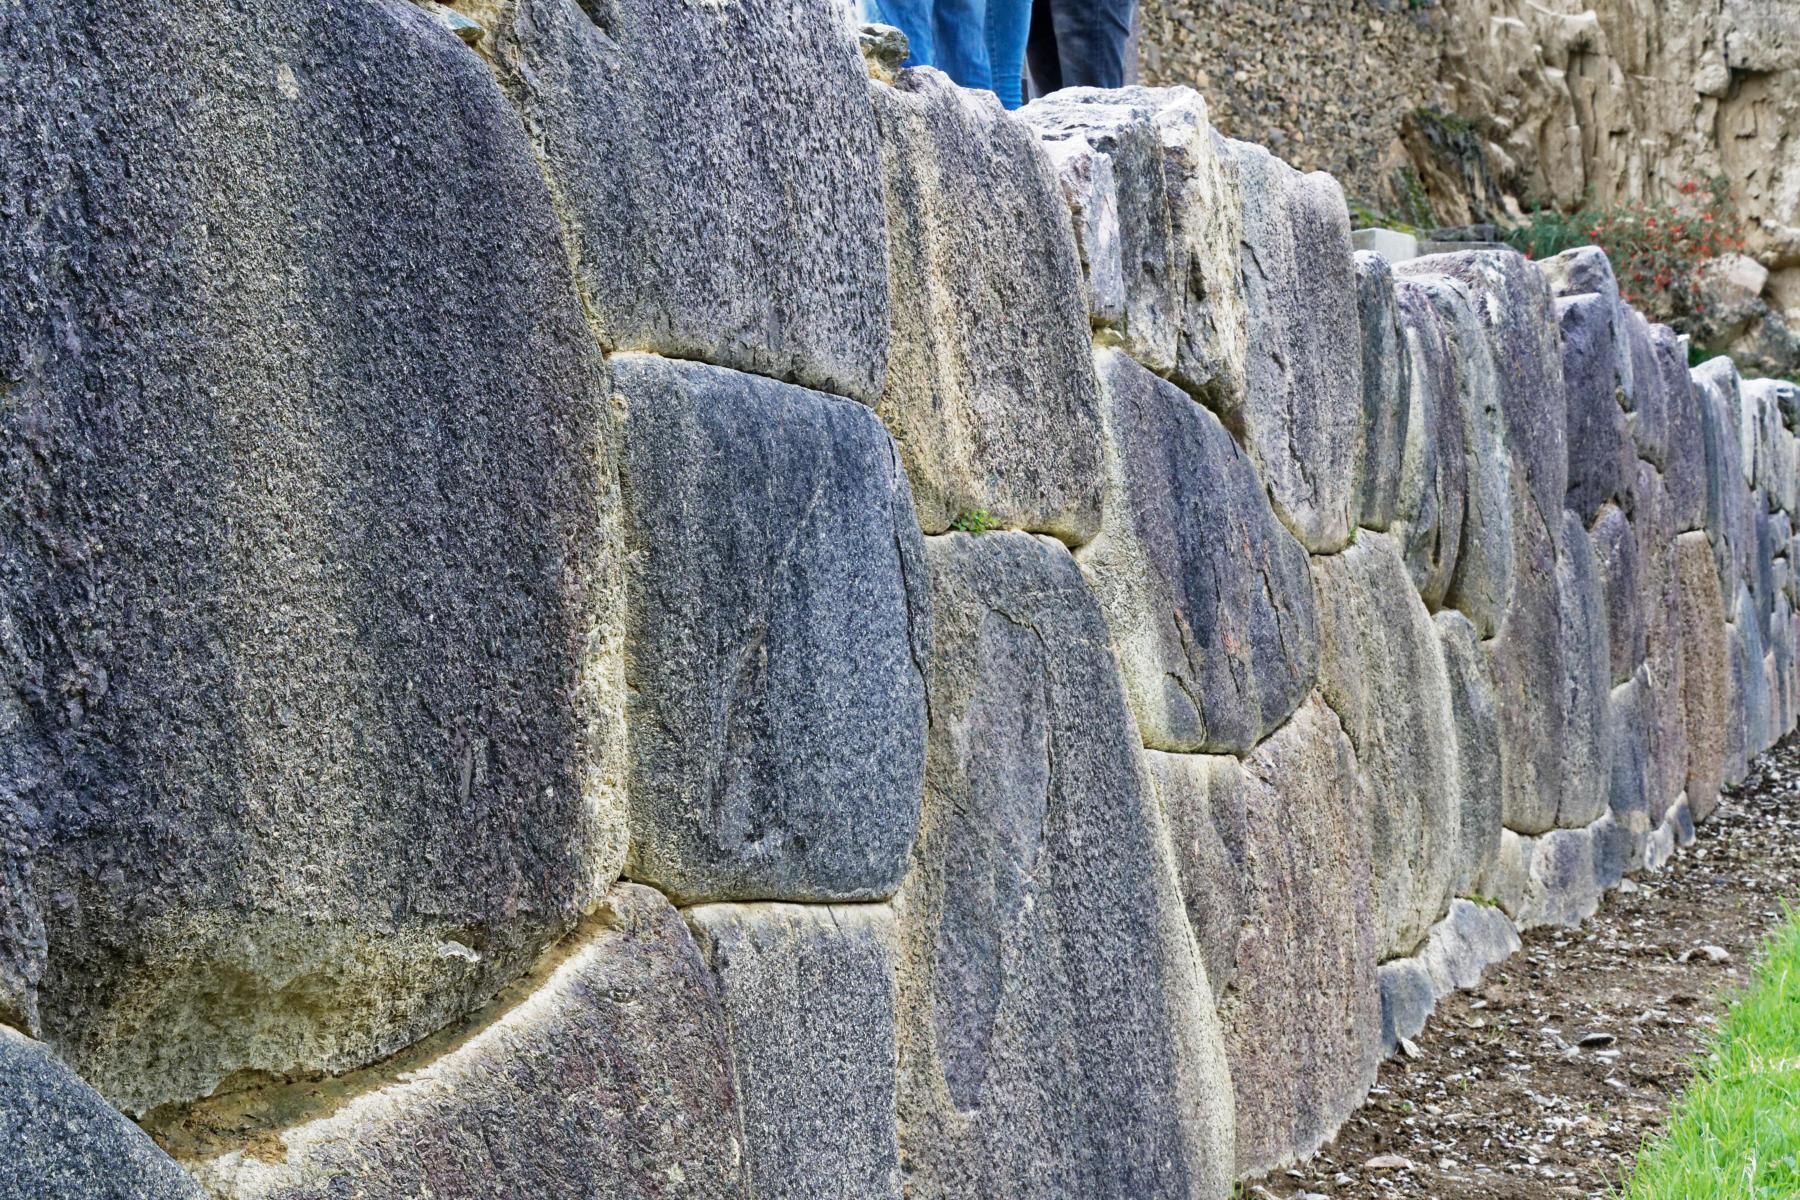 Ollantaytambo - Inca stonework